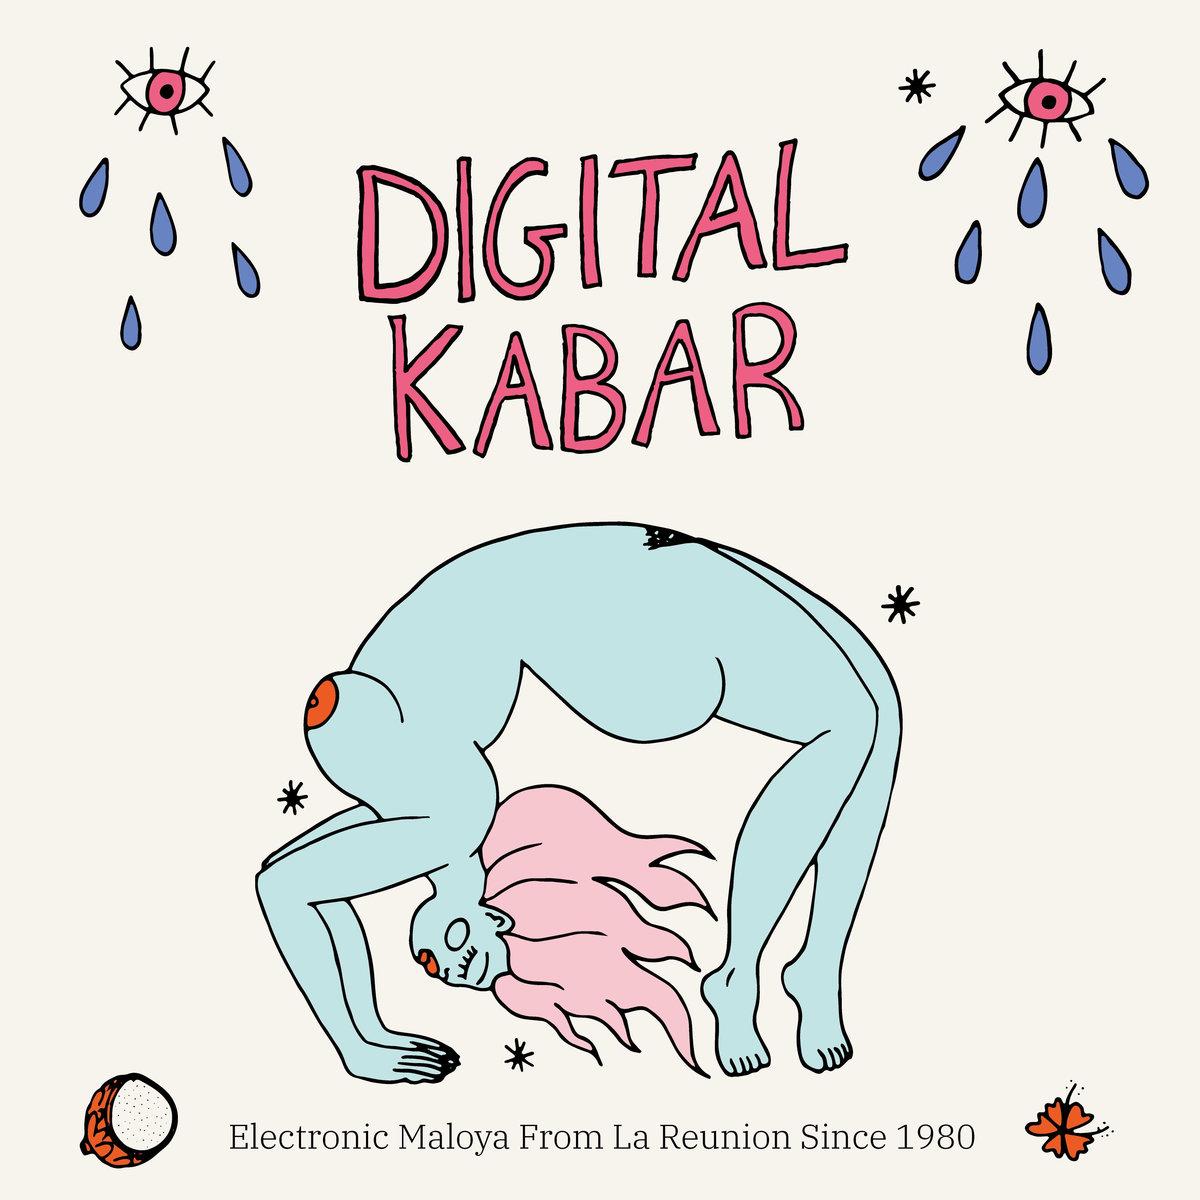 Digital Kabar